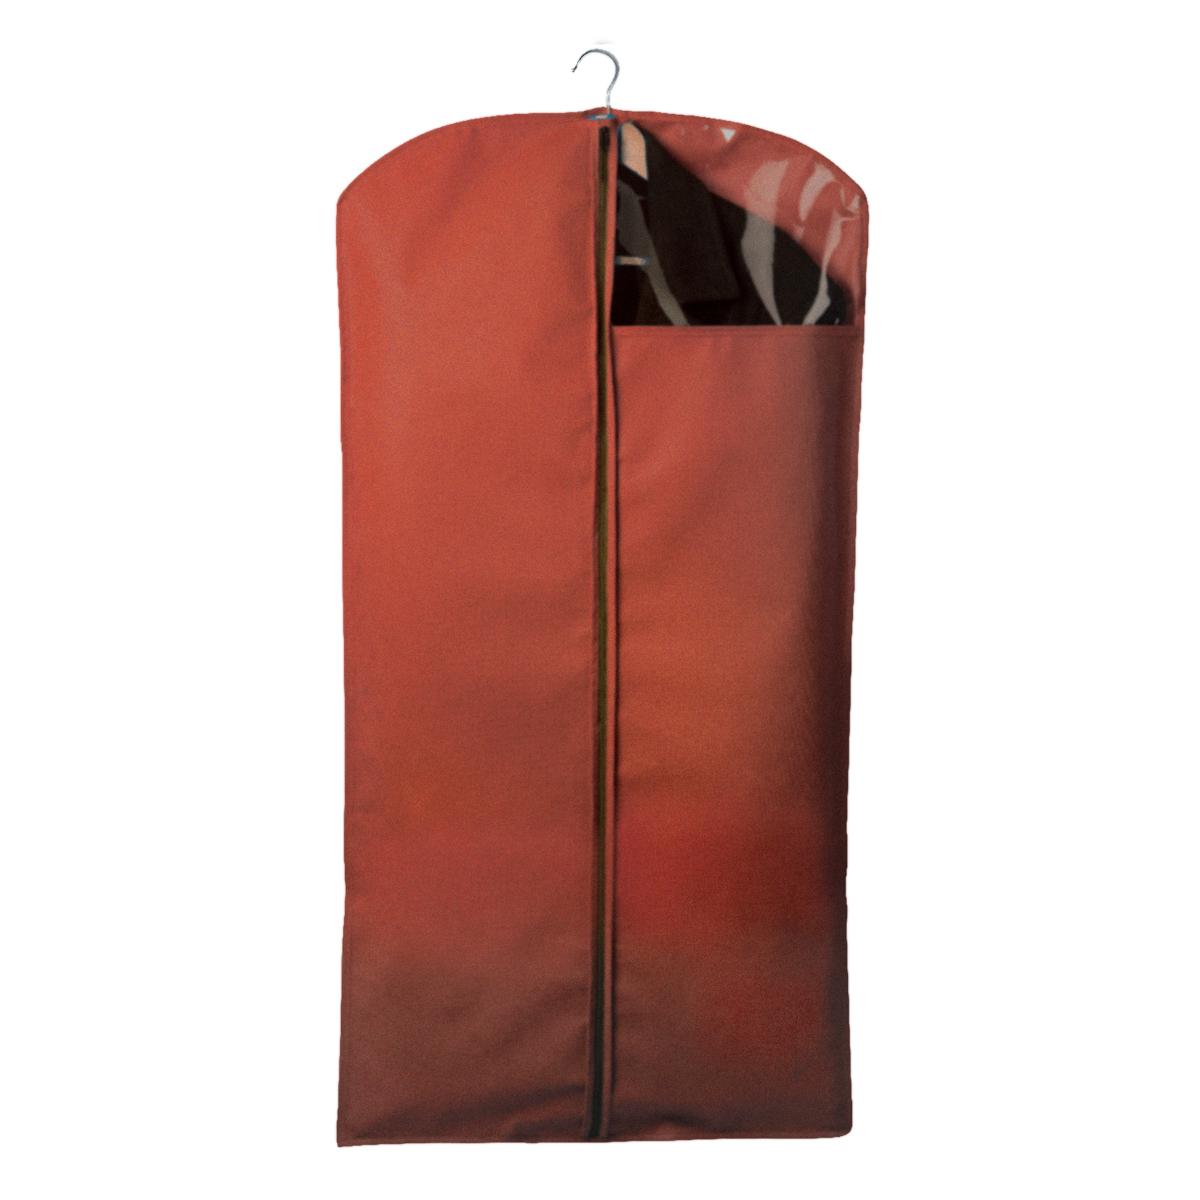 Чехол для одежды Miolla, с окошком, цвет: бордовый, 120 х 60 смCHL-2-2Чехол для костюмов и платьев Miolla на застежке-молнии выполнен из высококачественного нетканого материала. Прозрачное полиэтиленовое окошко позволяет видеть содержимое чехла. Подходит для длительного хранения вещей.Чехол обеспечивает вашей одежде надежную защиту от влажности, повреждений и грязи при транспортировке, от запыления при хранении и проникновения моли. Чехол обладает водоотталкивающими свойствами, а также позволяет воздуху свободно поступать внутрь вещей, обеспечивая их кондиционирование. Размер чехла: 120 х 60 см.